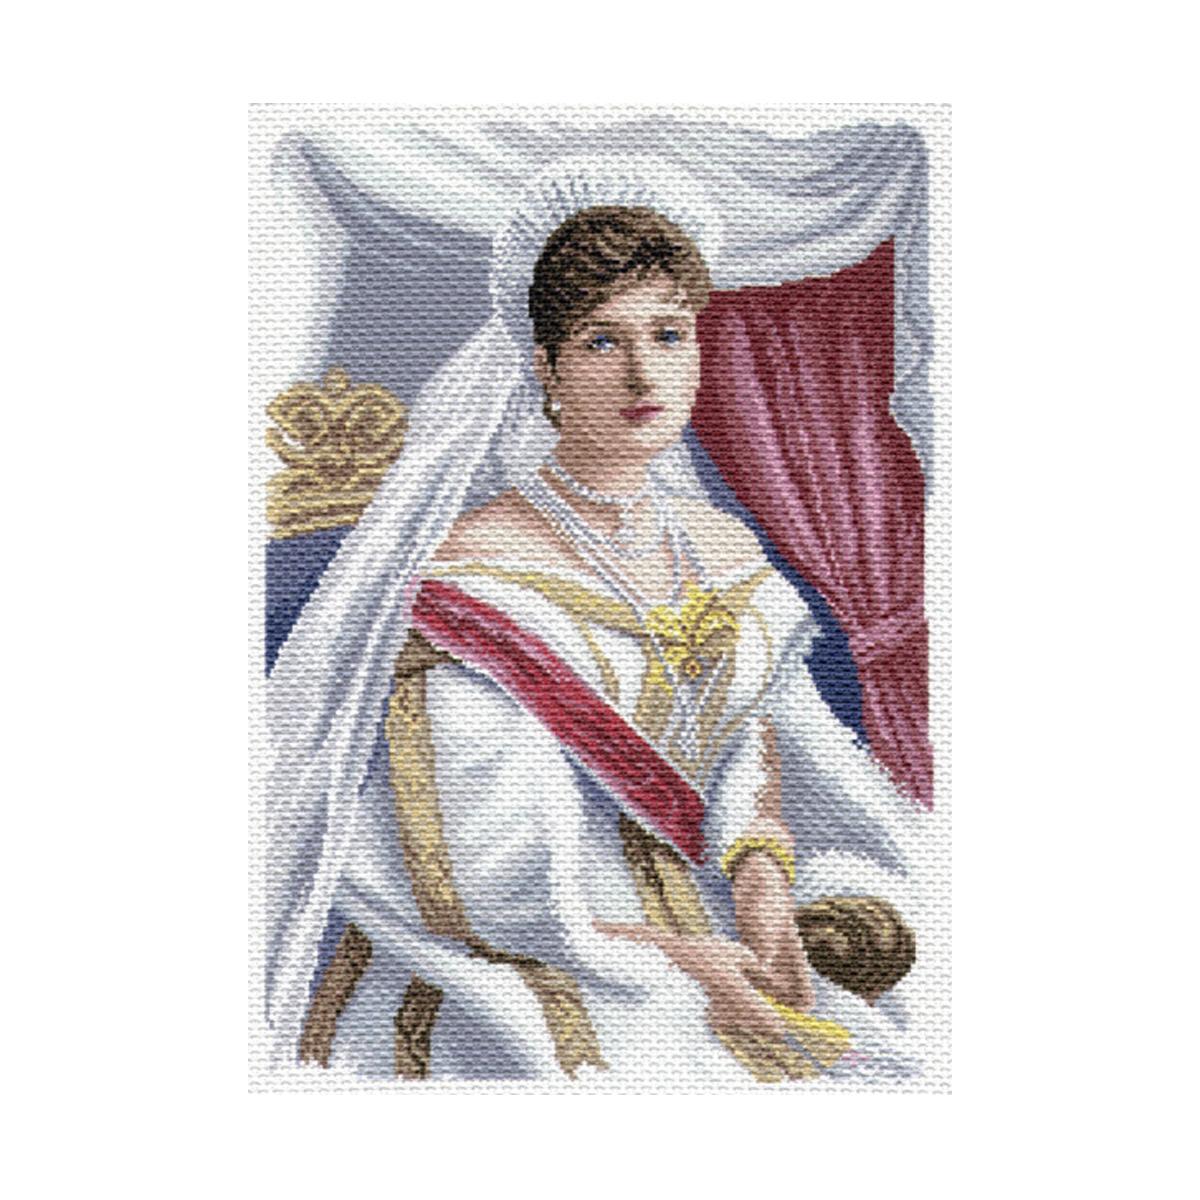 Канва с рисунком Матренин Посад Императрица Александра Федоровна, 33 см х 45 см. 1682549740Размер: 33x45 см Рисунок полностью напечатан на канве. Указана цветовая карта ниток. Вышивать рекомендуется мулине в 3 сложения.